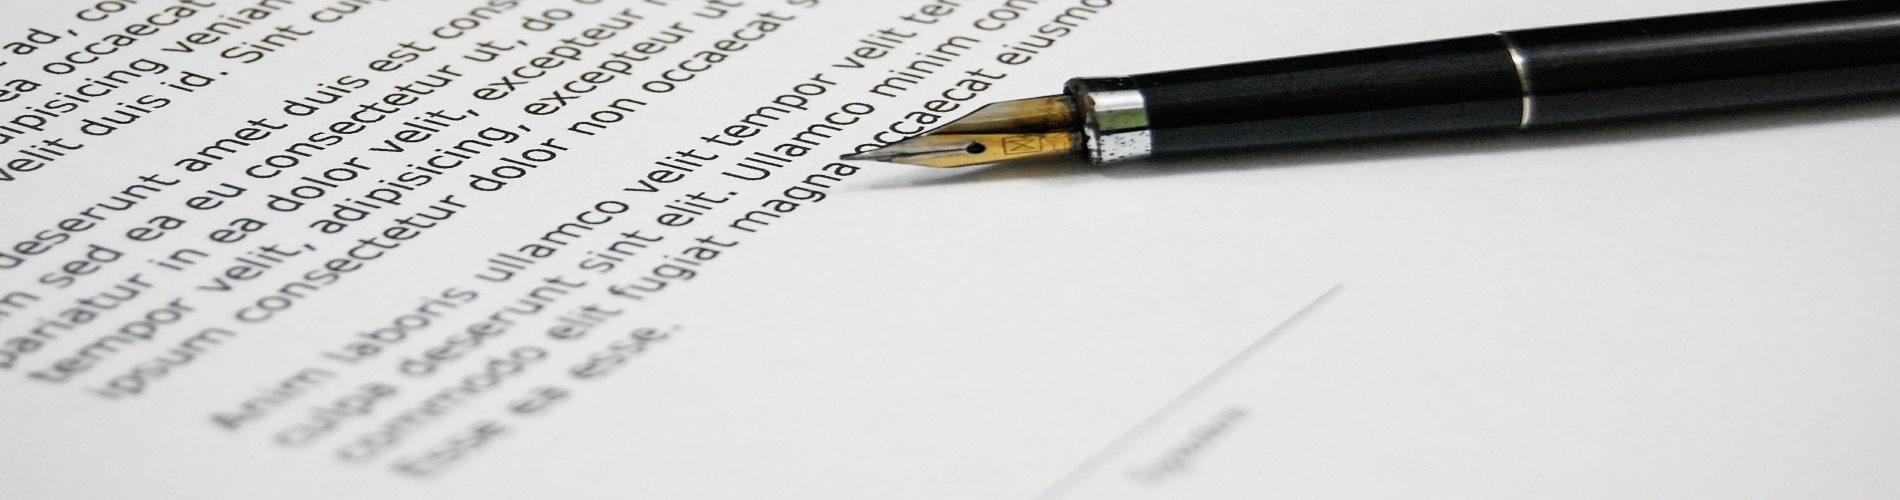 Contract & Dip Pen